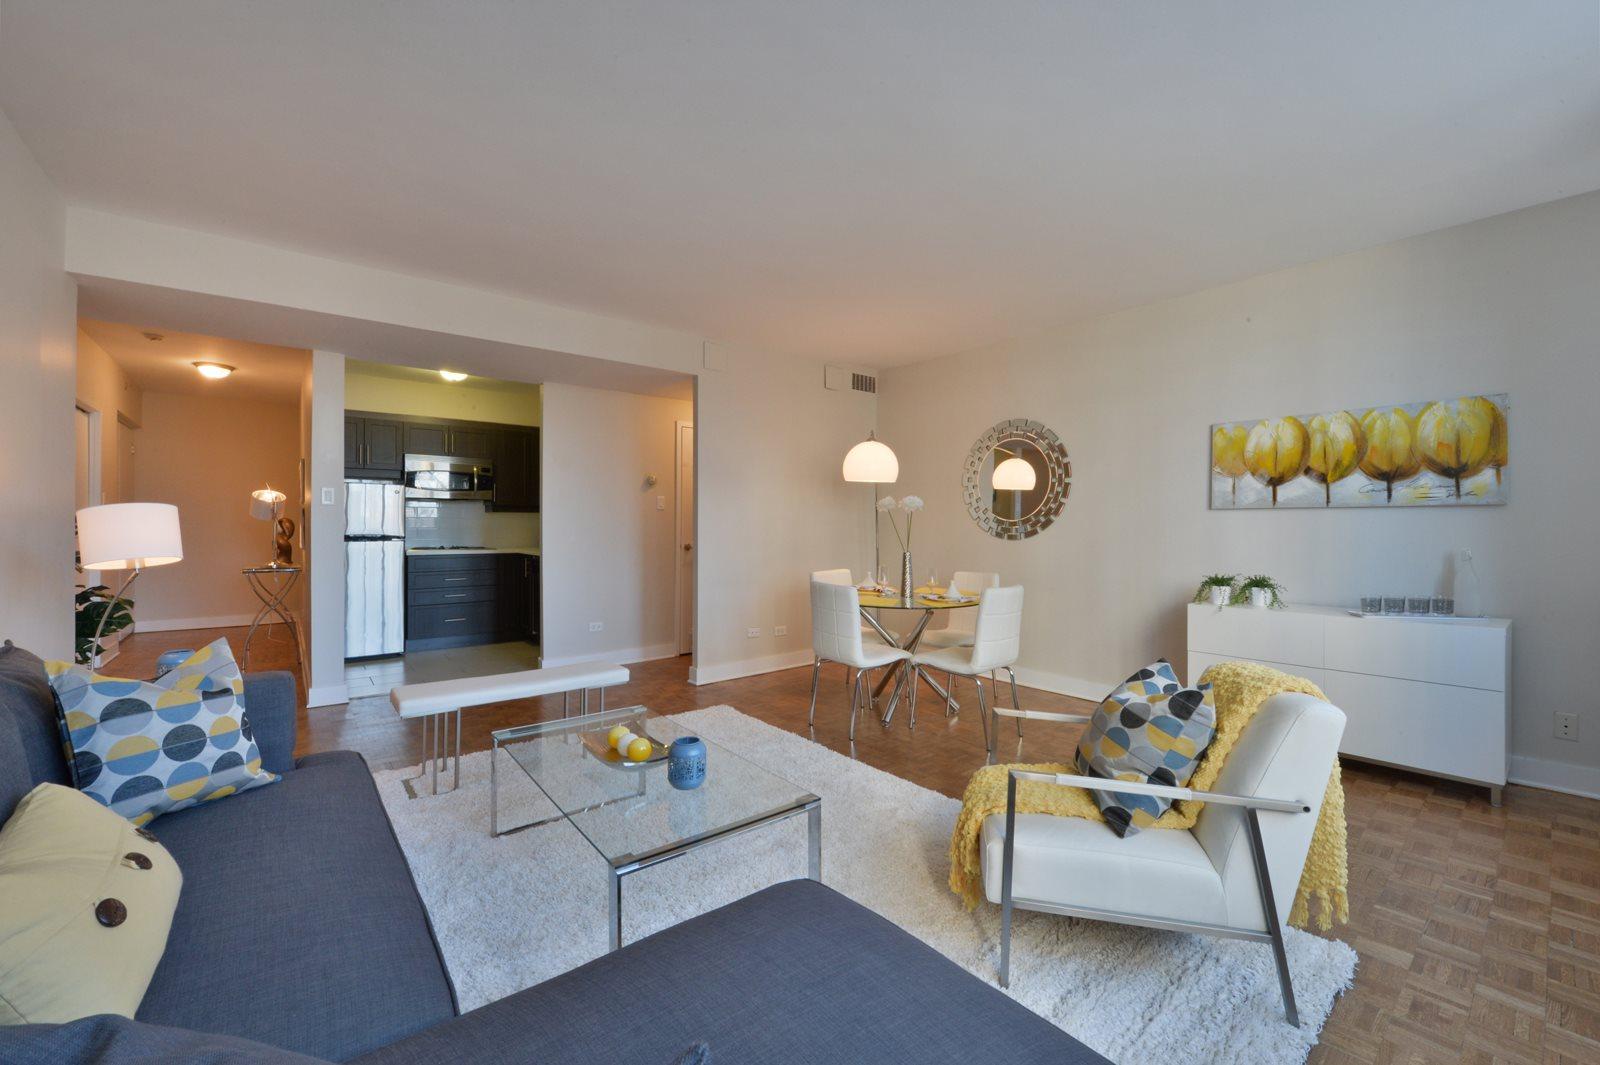 Idée Déco Appartement Jeune 5 couleurs pour donner du peps à son intérieur | cocon